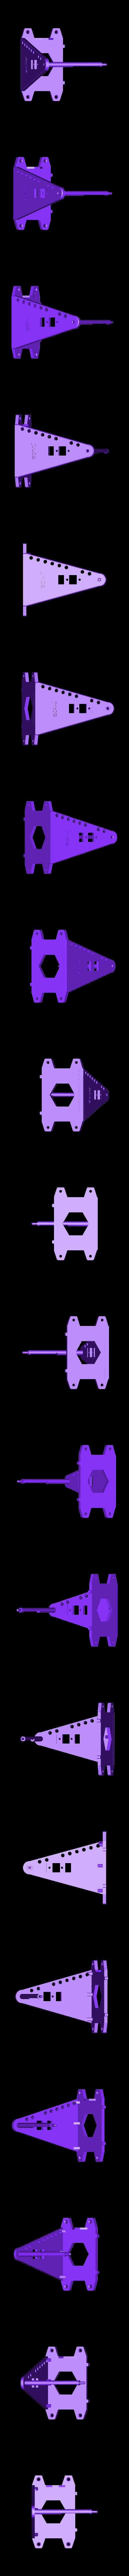 spool_clock_base_L.stl Télécharger fichier STL gratuit Horloge à bobine à filament • Design pour imprimante 3D, marigu